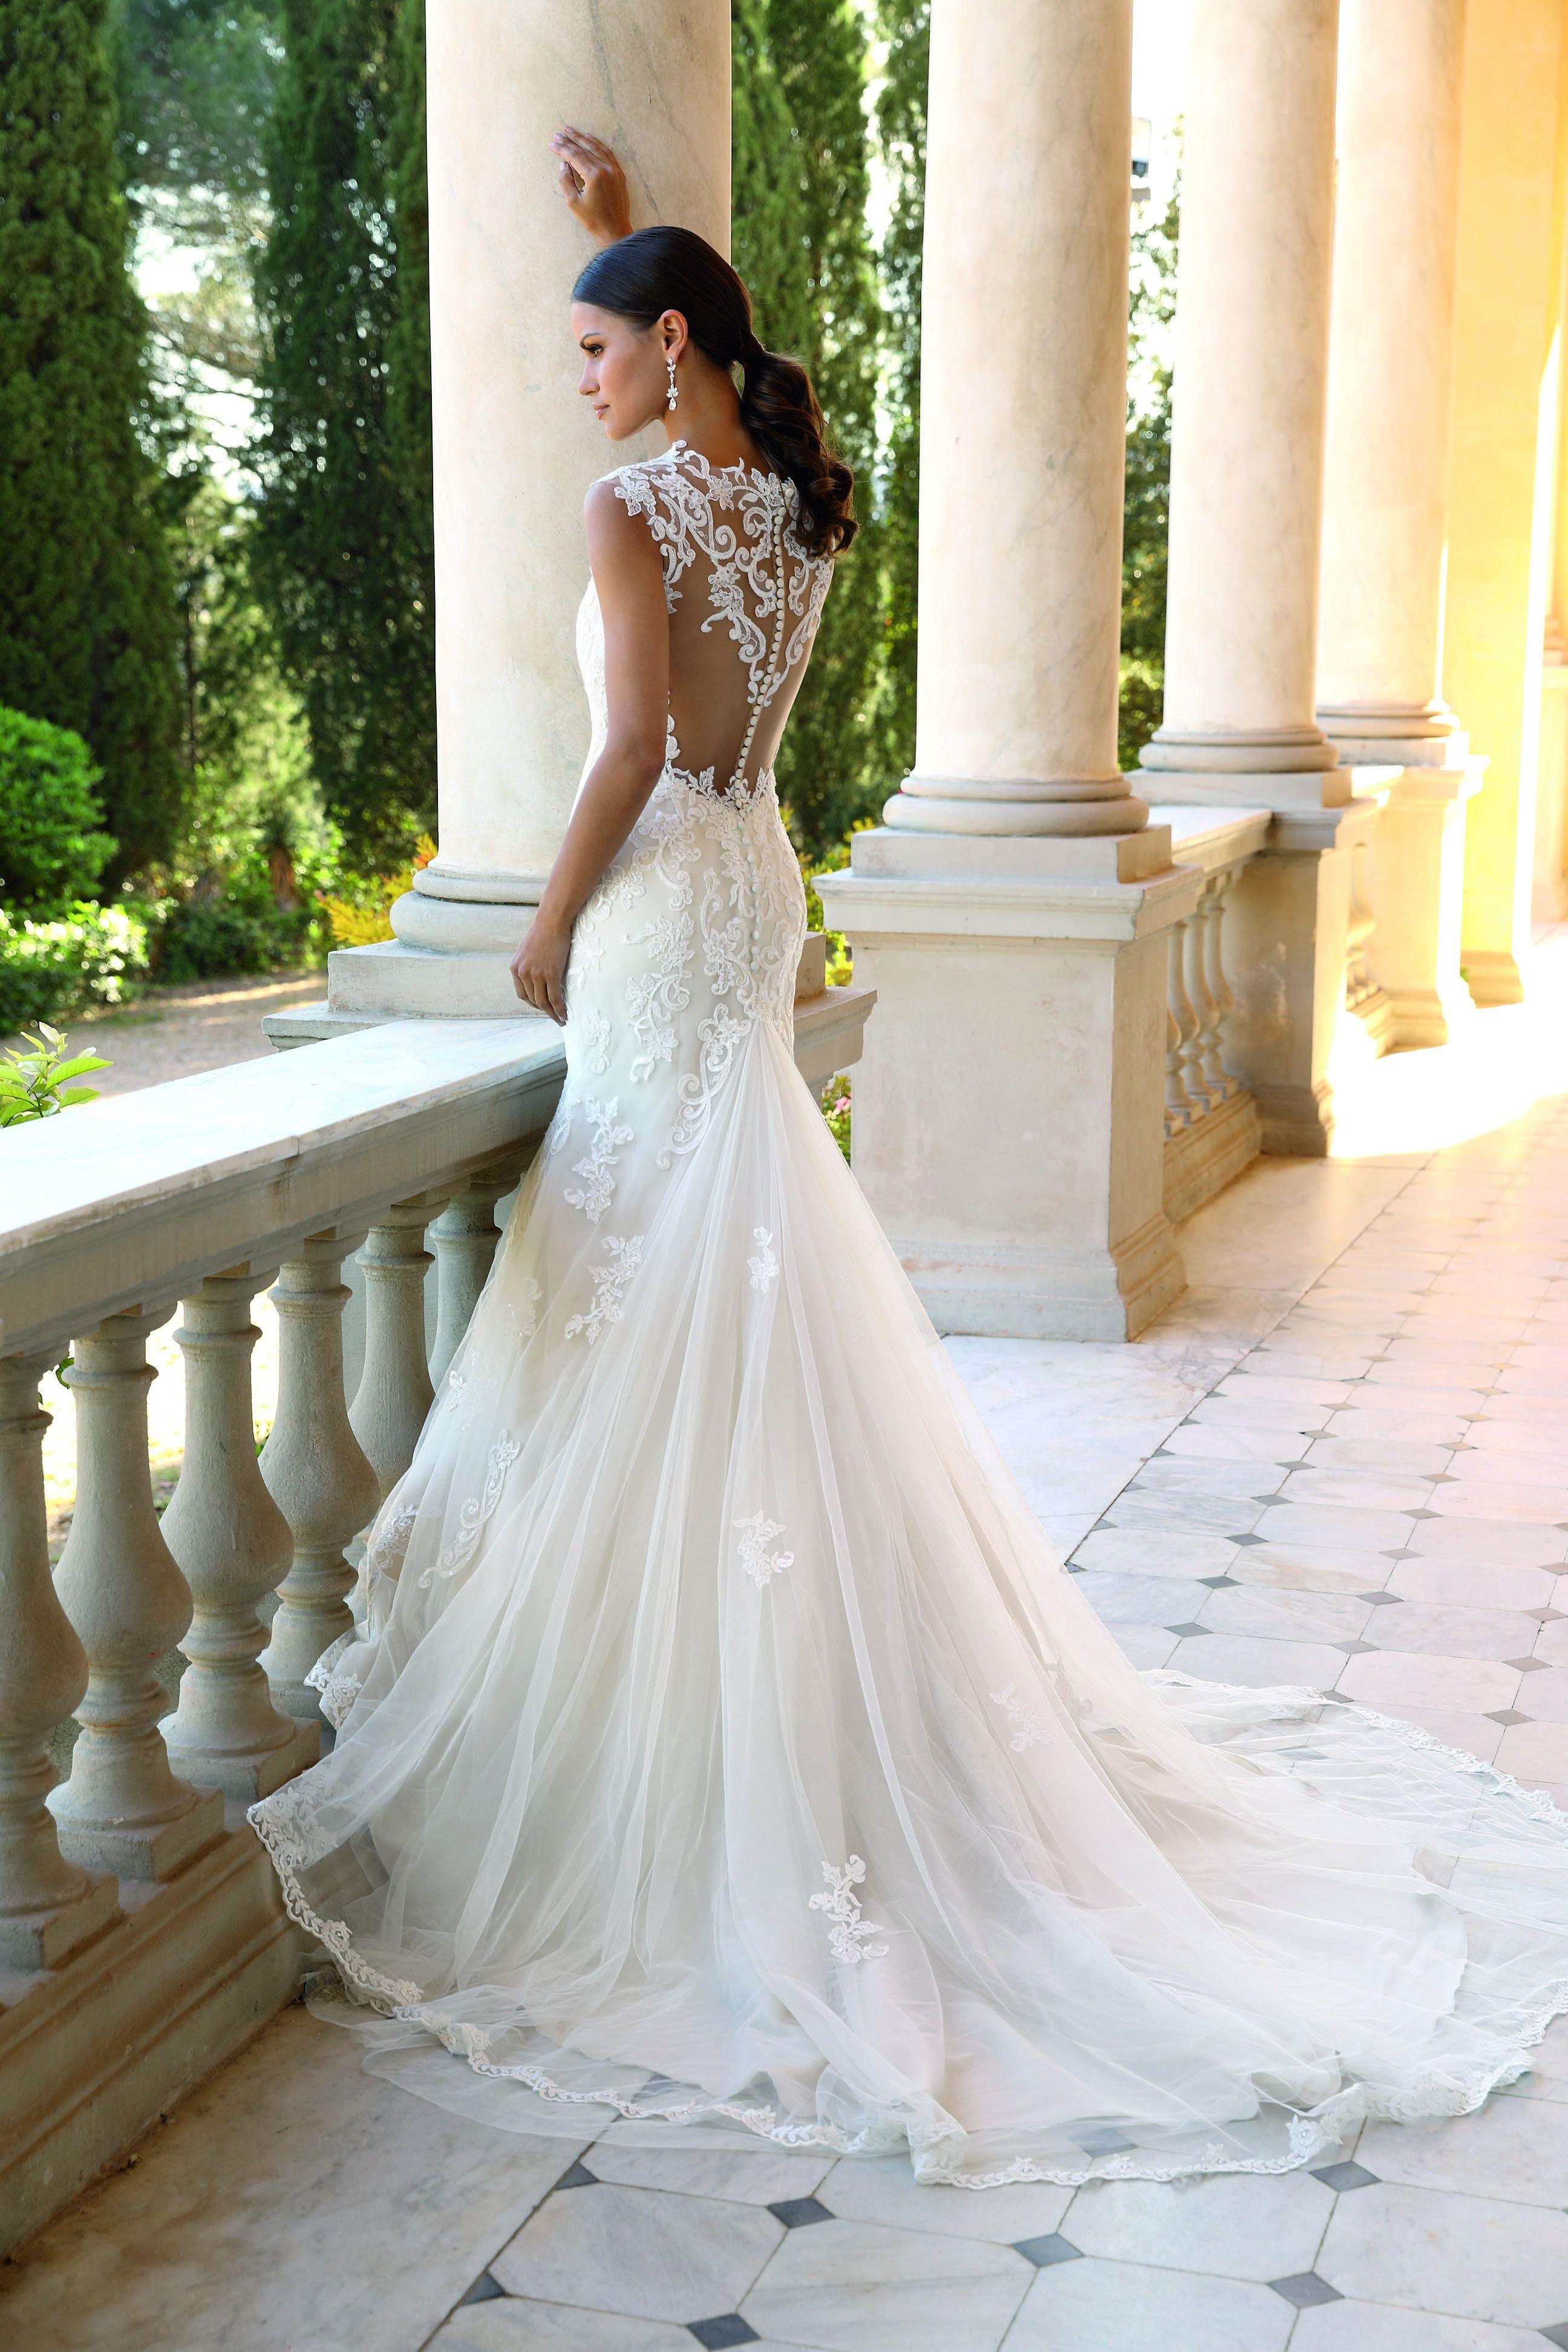 Hochzeitskleid I Unique Brautkleid Mit Tattoospitze Und Knopfreihe Aus Der 2018er Hochzeitskleider Vintage Hochzeitskleid Tattoo Hochzeitskleid